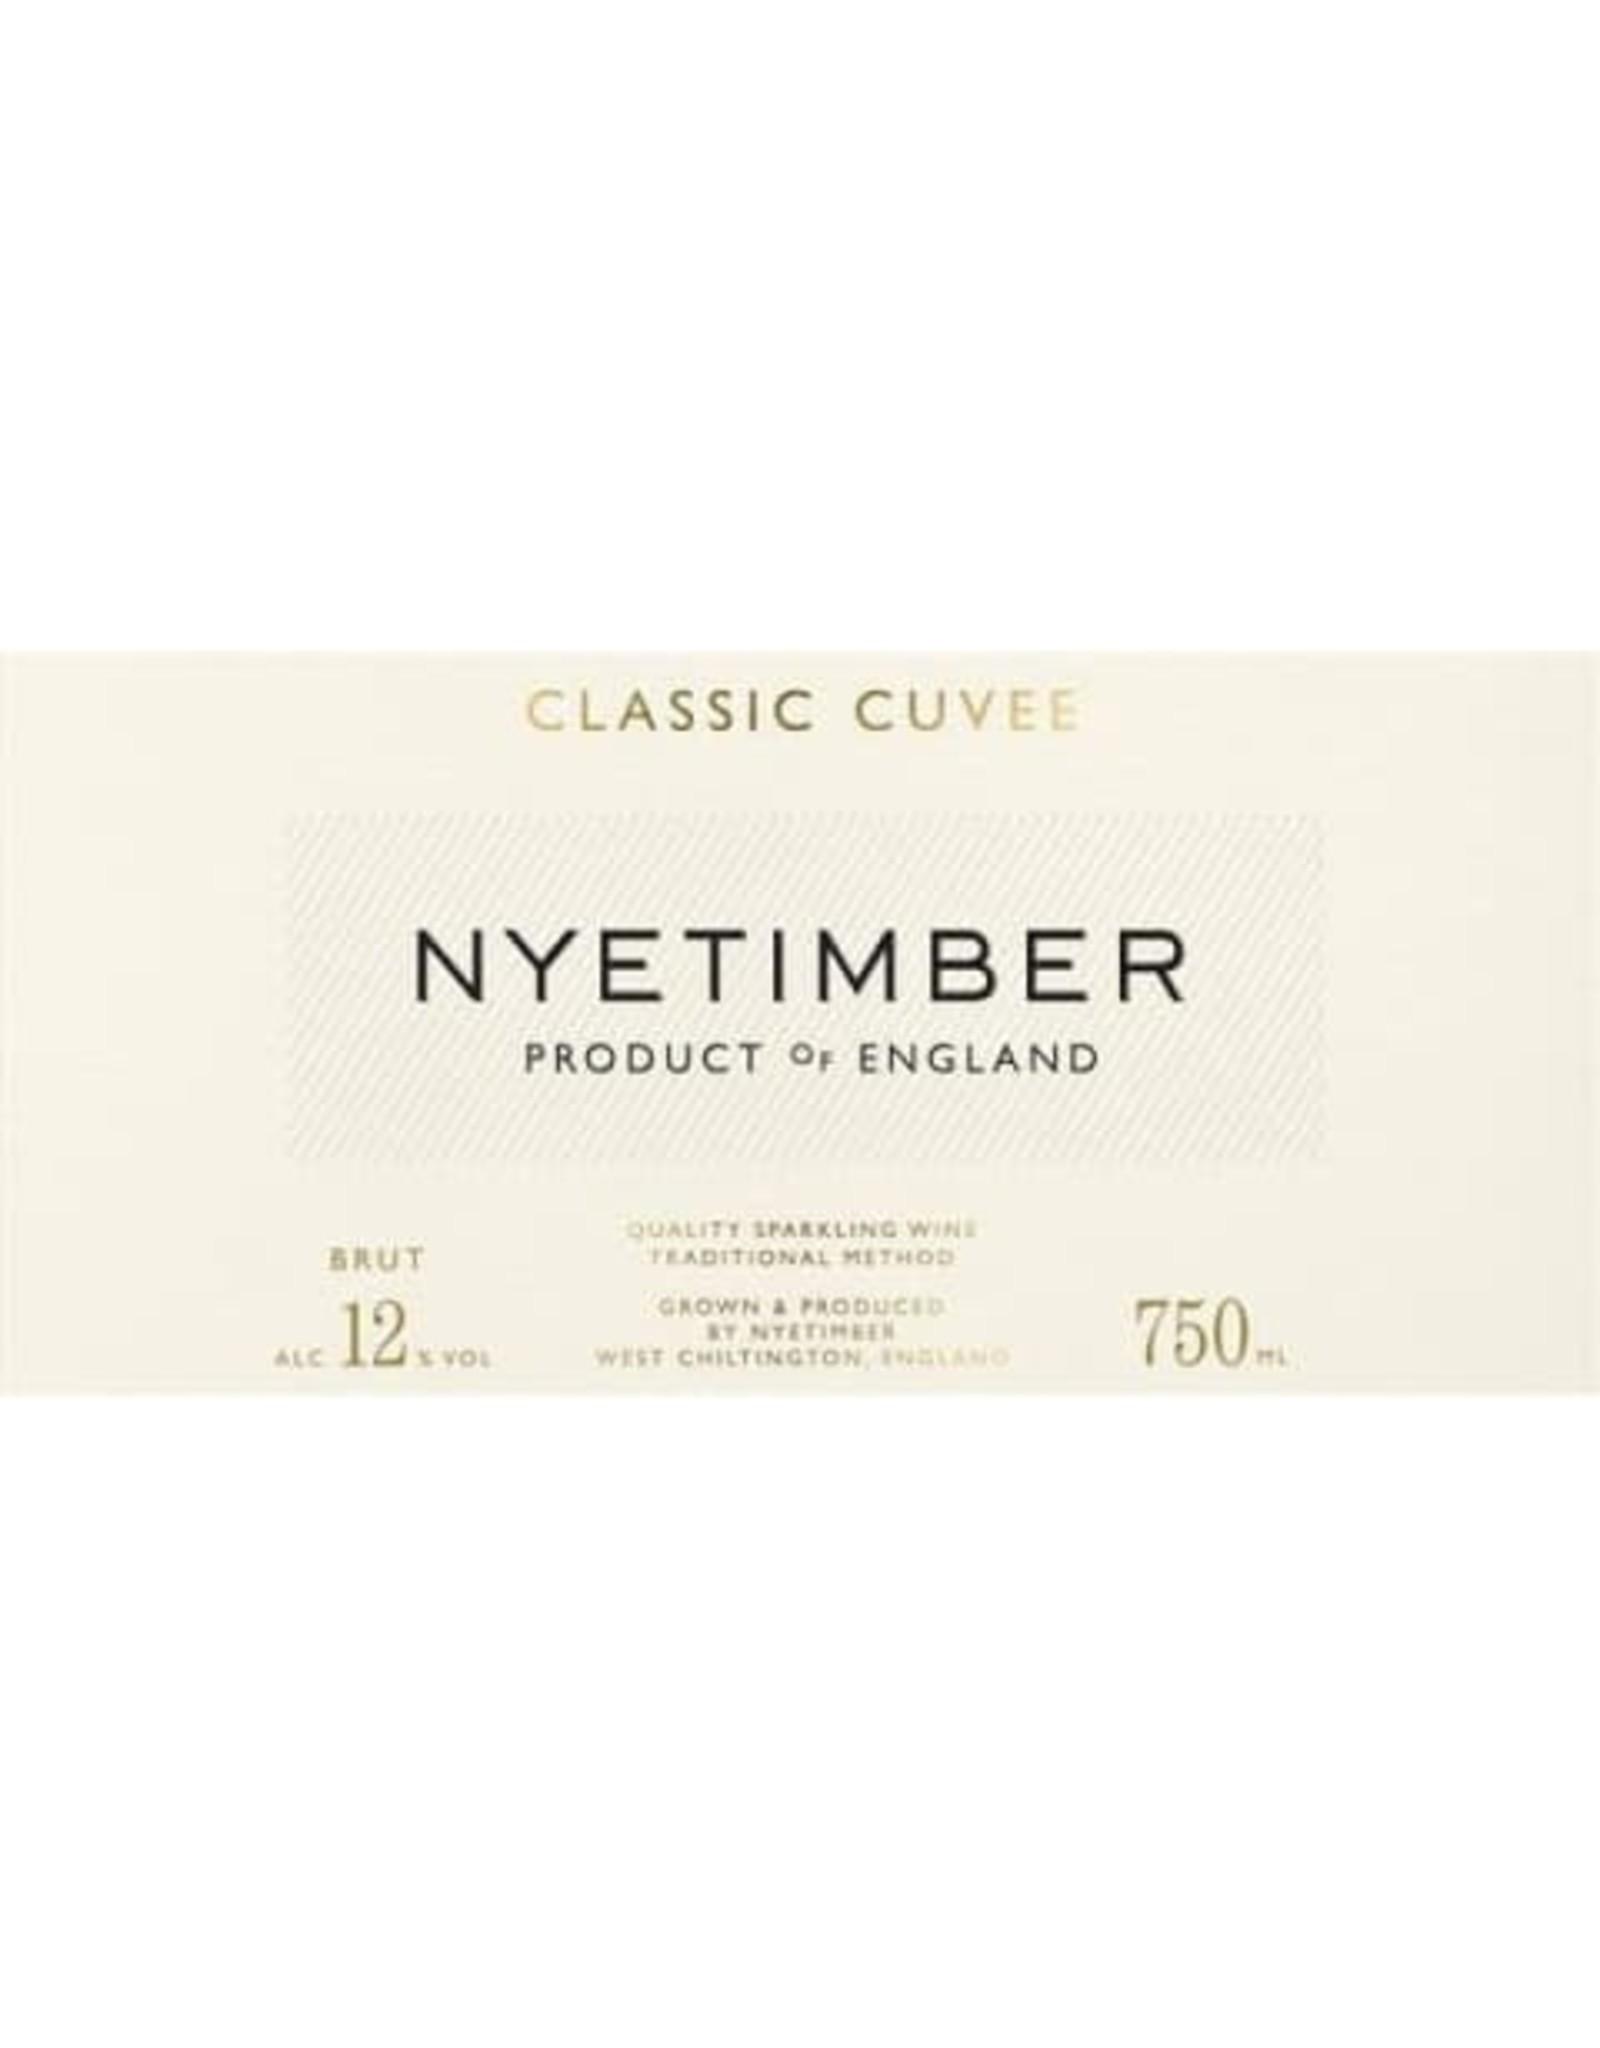 Nyetimber Nyetimber Classic Cuvee, England NV